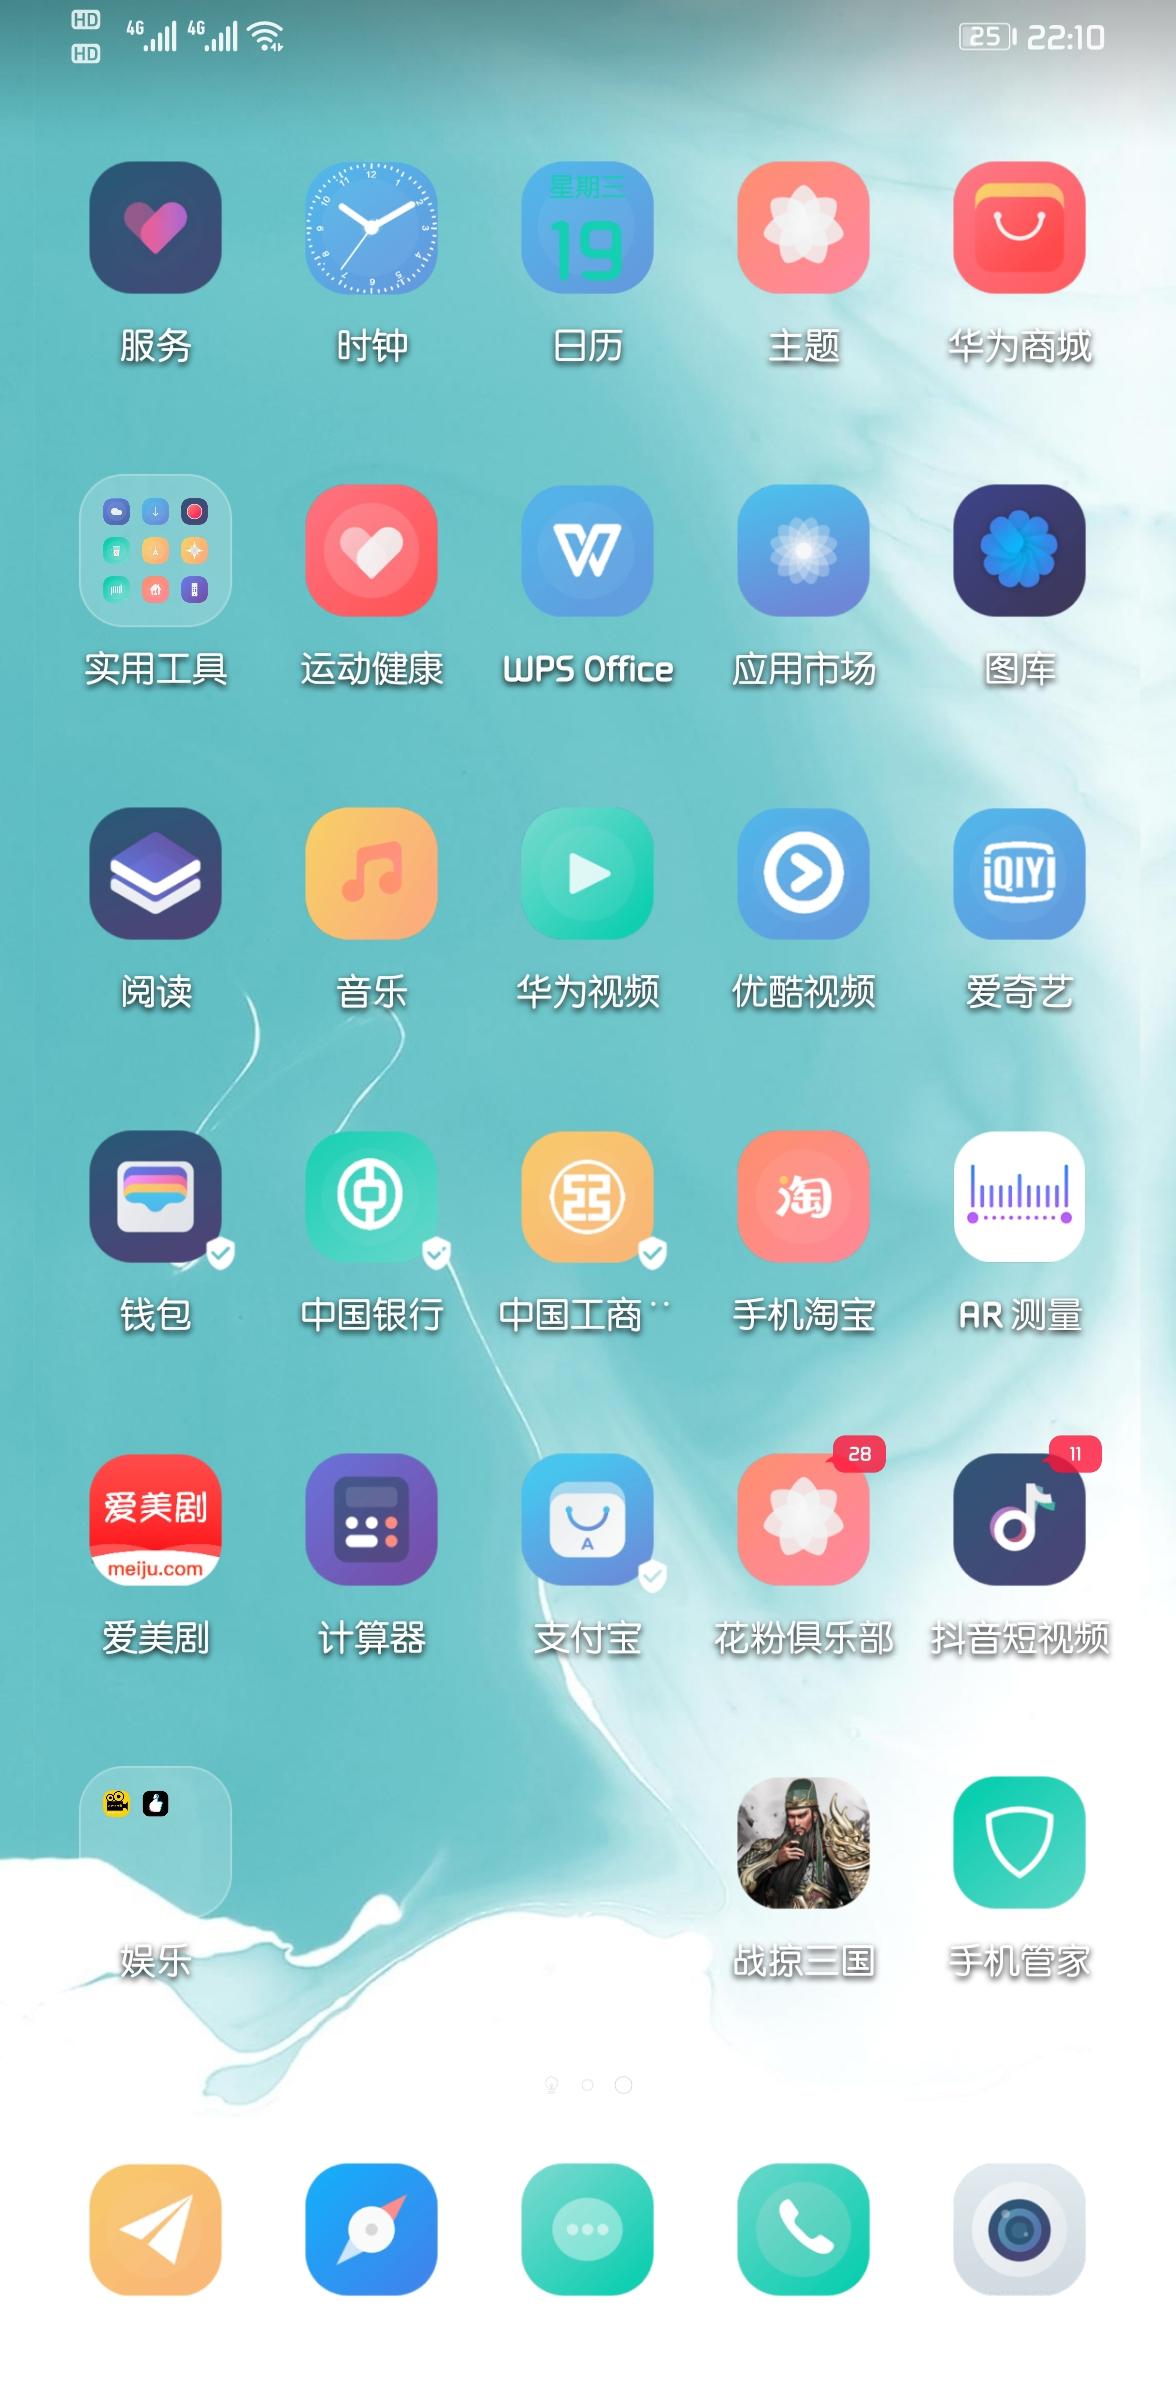 Screenshot_20200819_221036_com.huawei.android.launcher.jpg